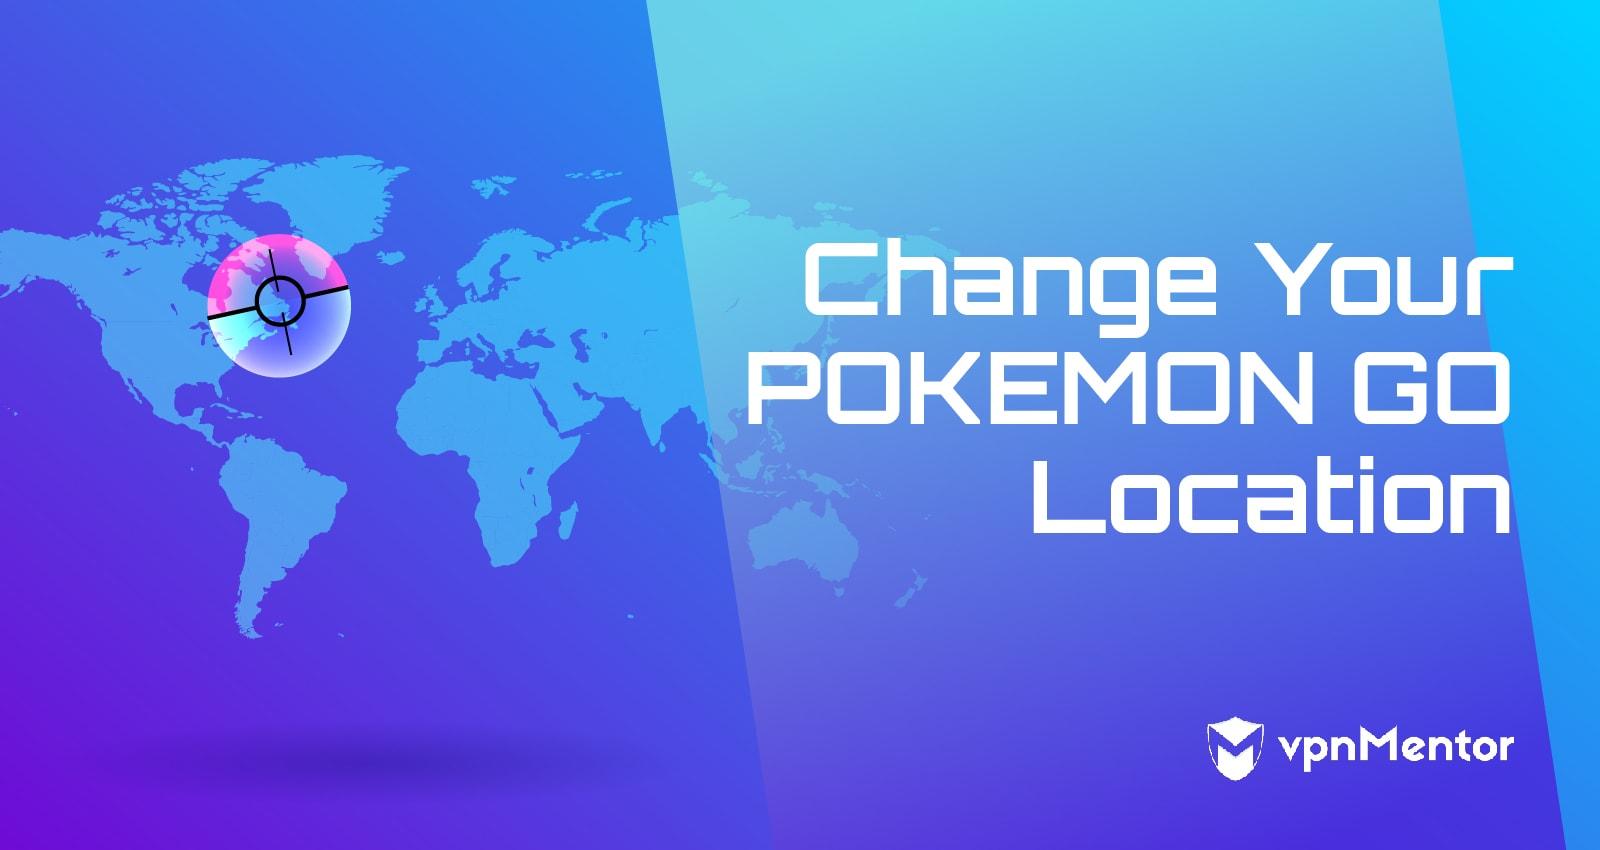 Change Your Pokemon Go Location